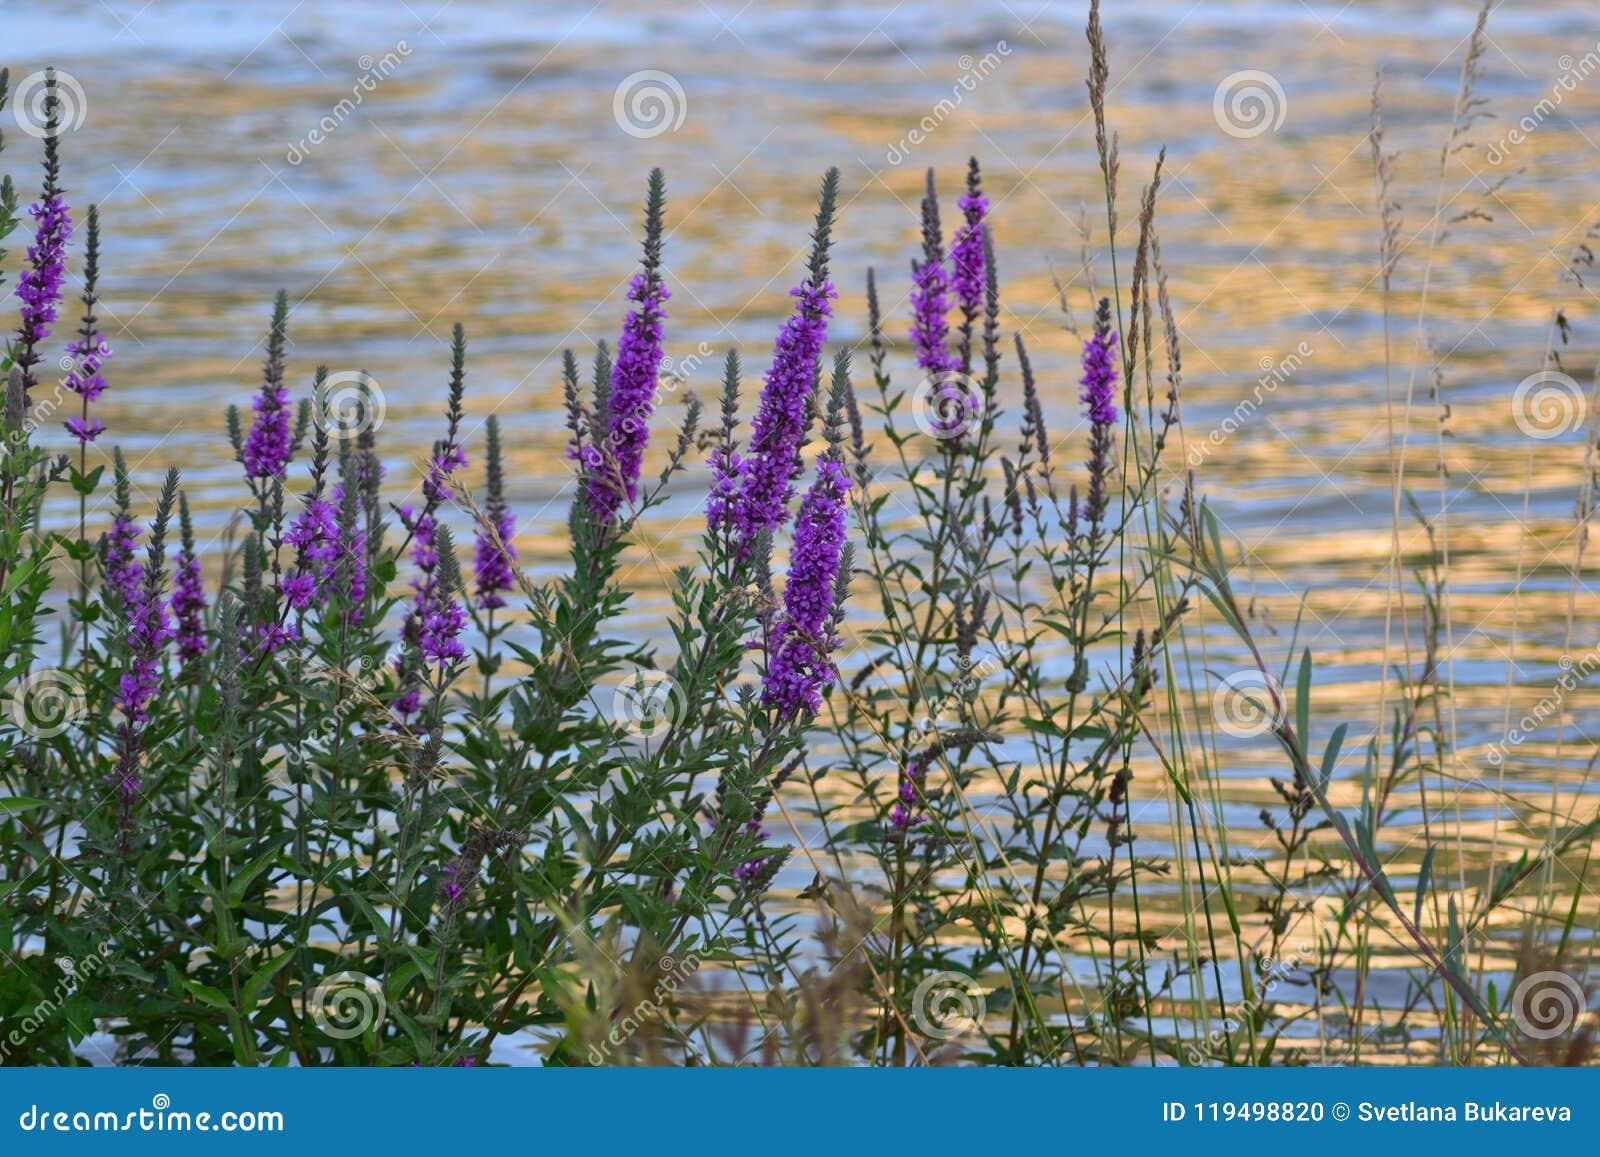 Θάμνοι με τα μικρά ιώδη λουλούδια στην όχθη ποταμού